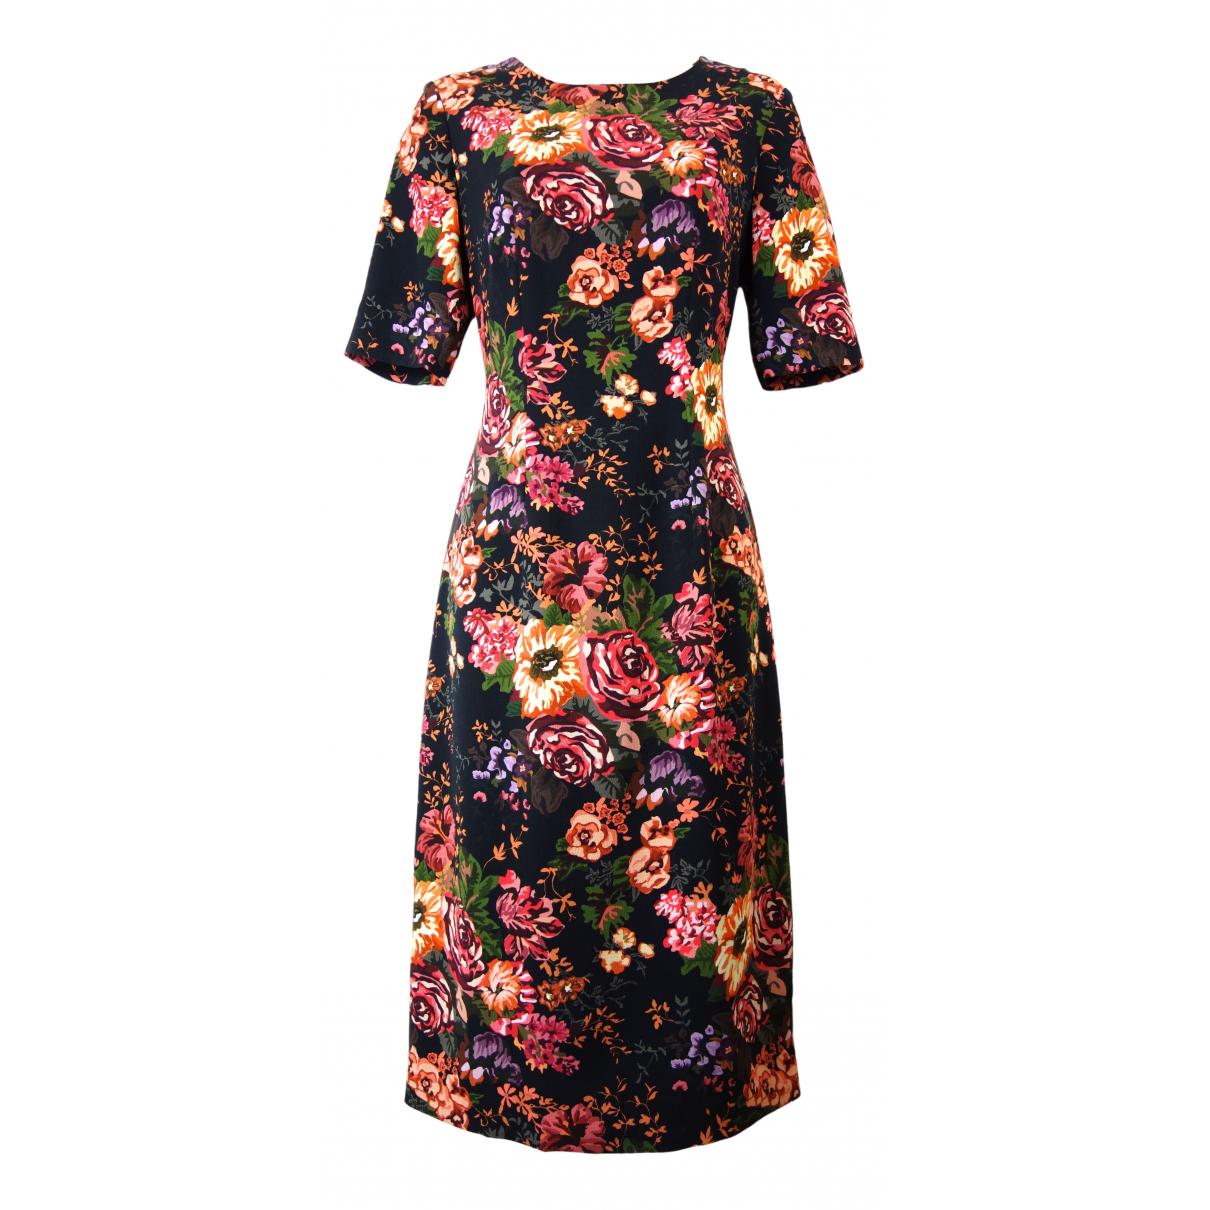 Emilia Wickstead \N Kleid in  Bordeauxrot Polyester